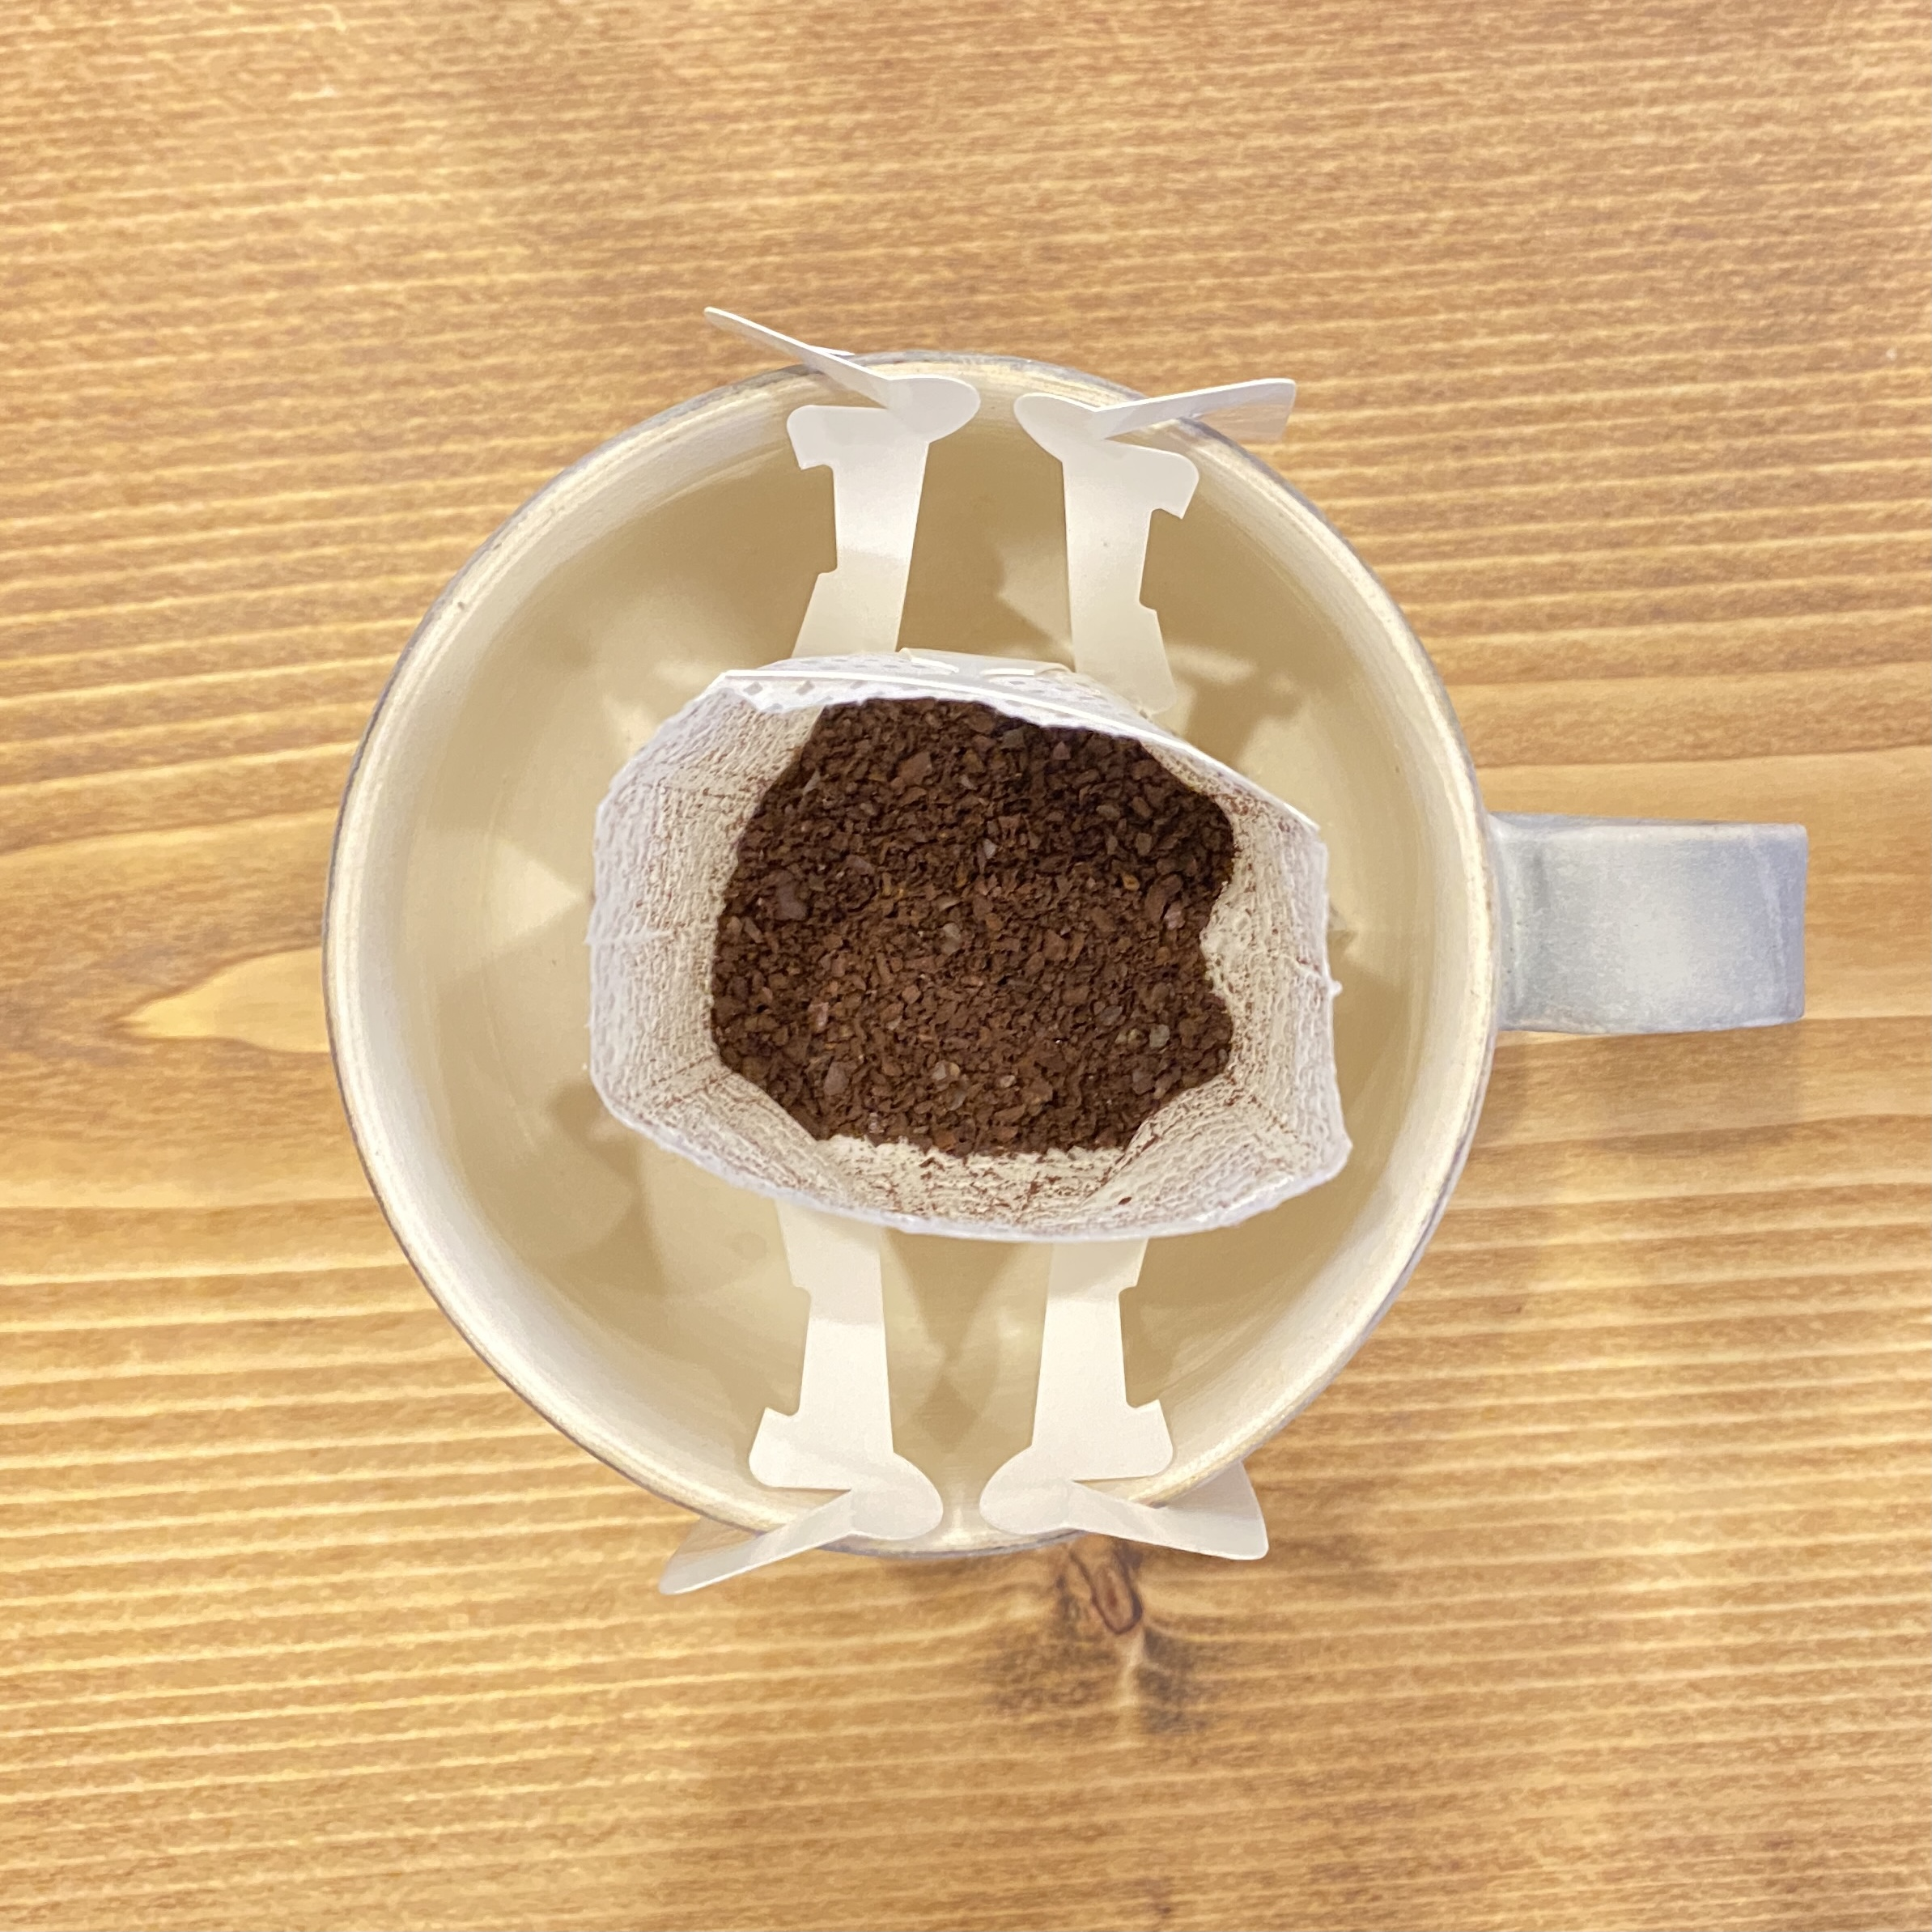 ドリップドリップバックコーヒー,美味しい,入れ方,珈琲,コーヒー,コーヒー豆,珈琲豆,スペシャルティコーヒー,スペシャルティコーヒー豆,デカフェ,カフェインレスコーヒー,カフェインレス珈琲,カフェインレスコーヒー豆,カフェインレス珈琲豆,デカフェコーヒー豆,デカフェ珈琲豆